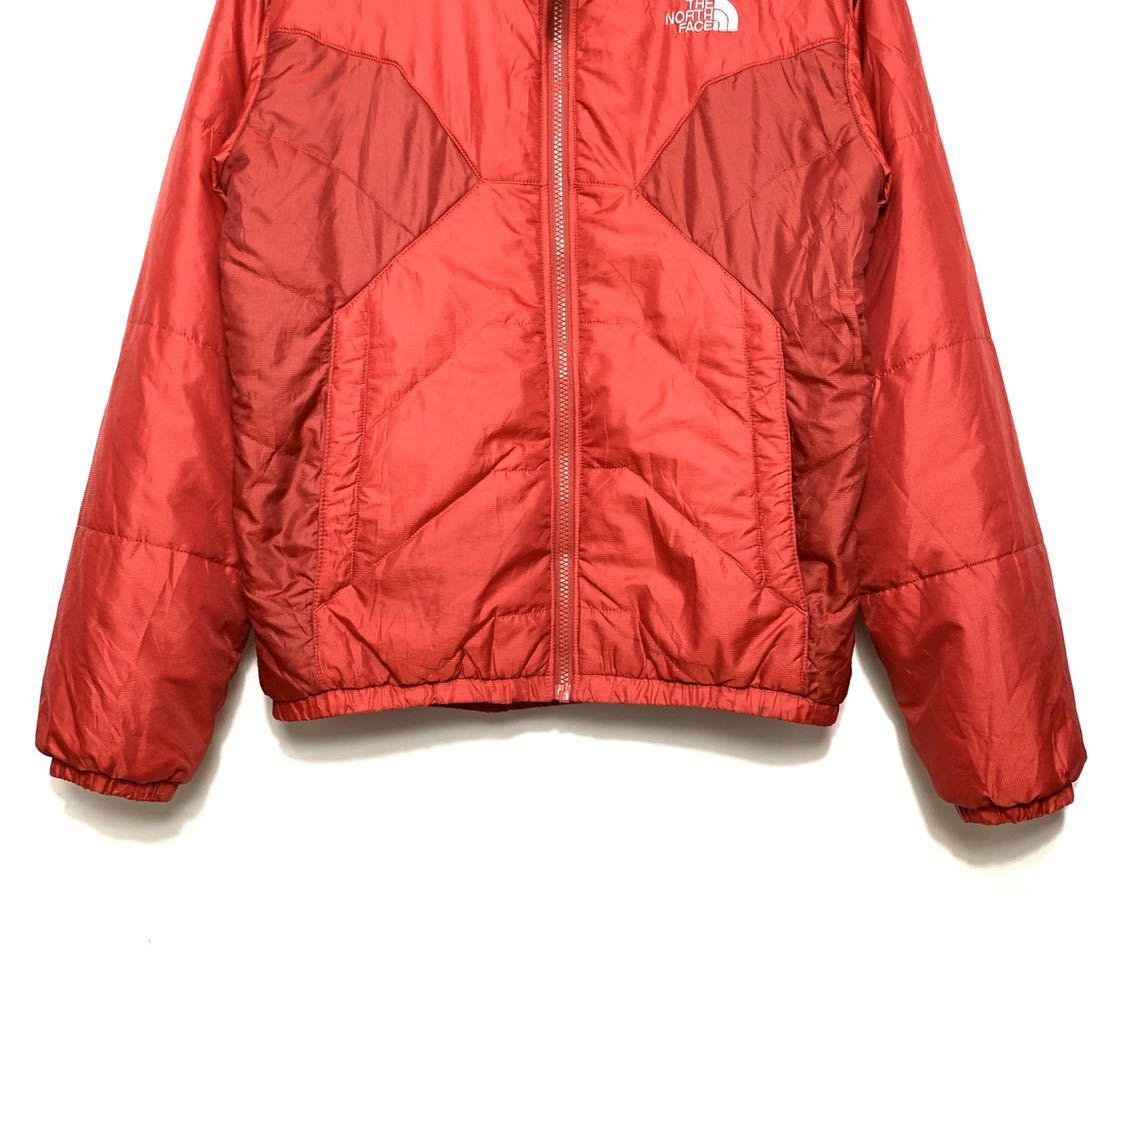 ■THE NORTH FACEノースフェイスナイロン中綿ジャケットサイズS赤レッド古着アウトドア■_画像4